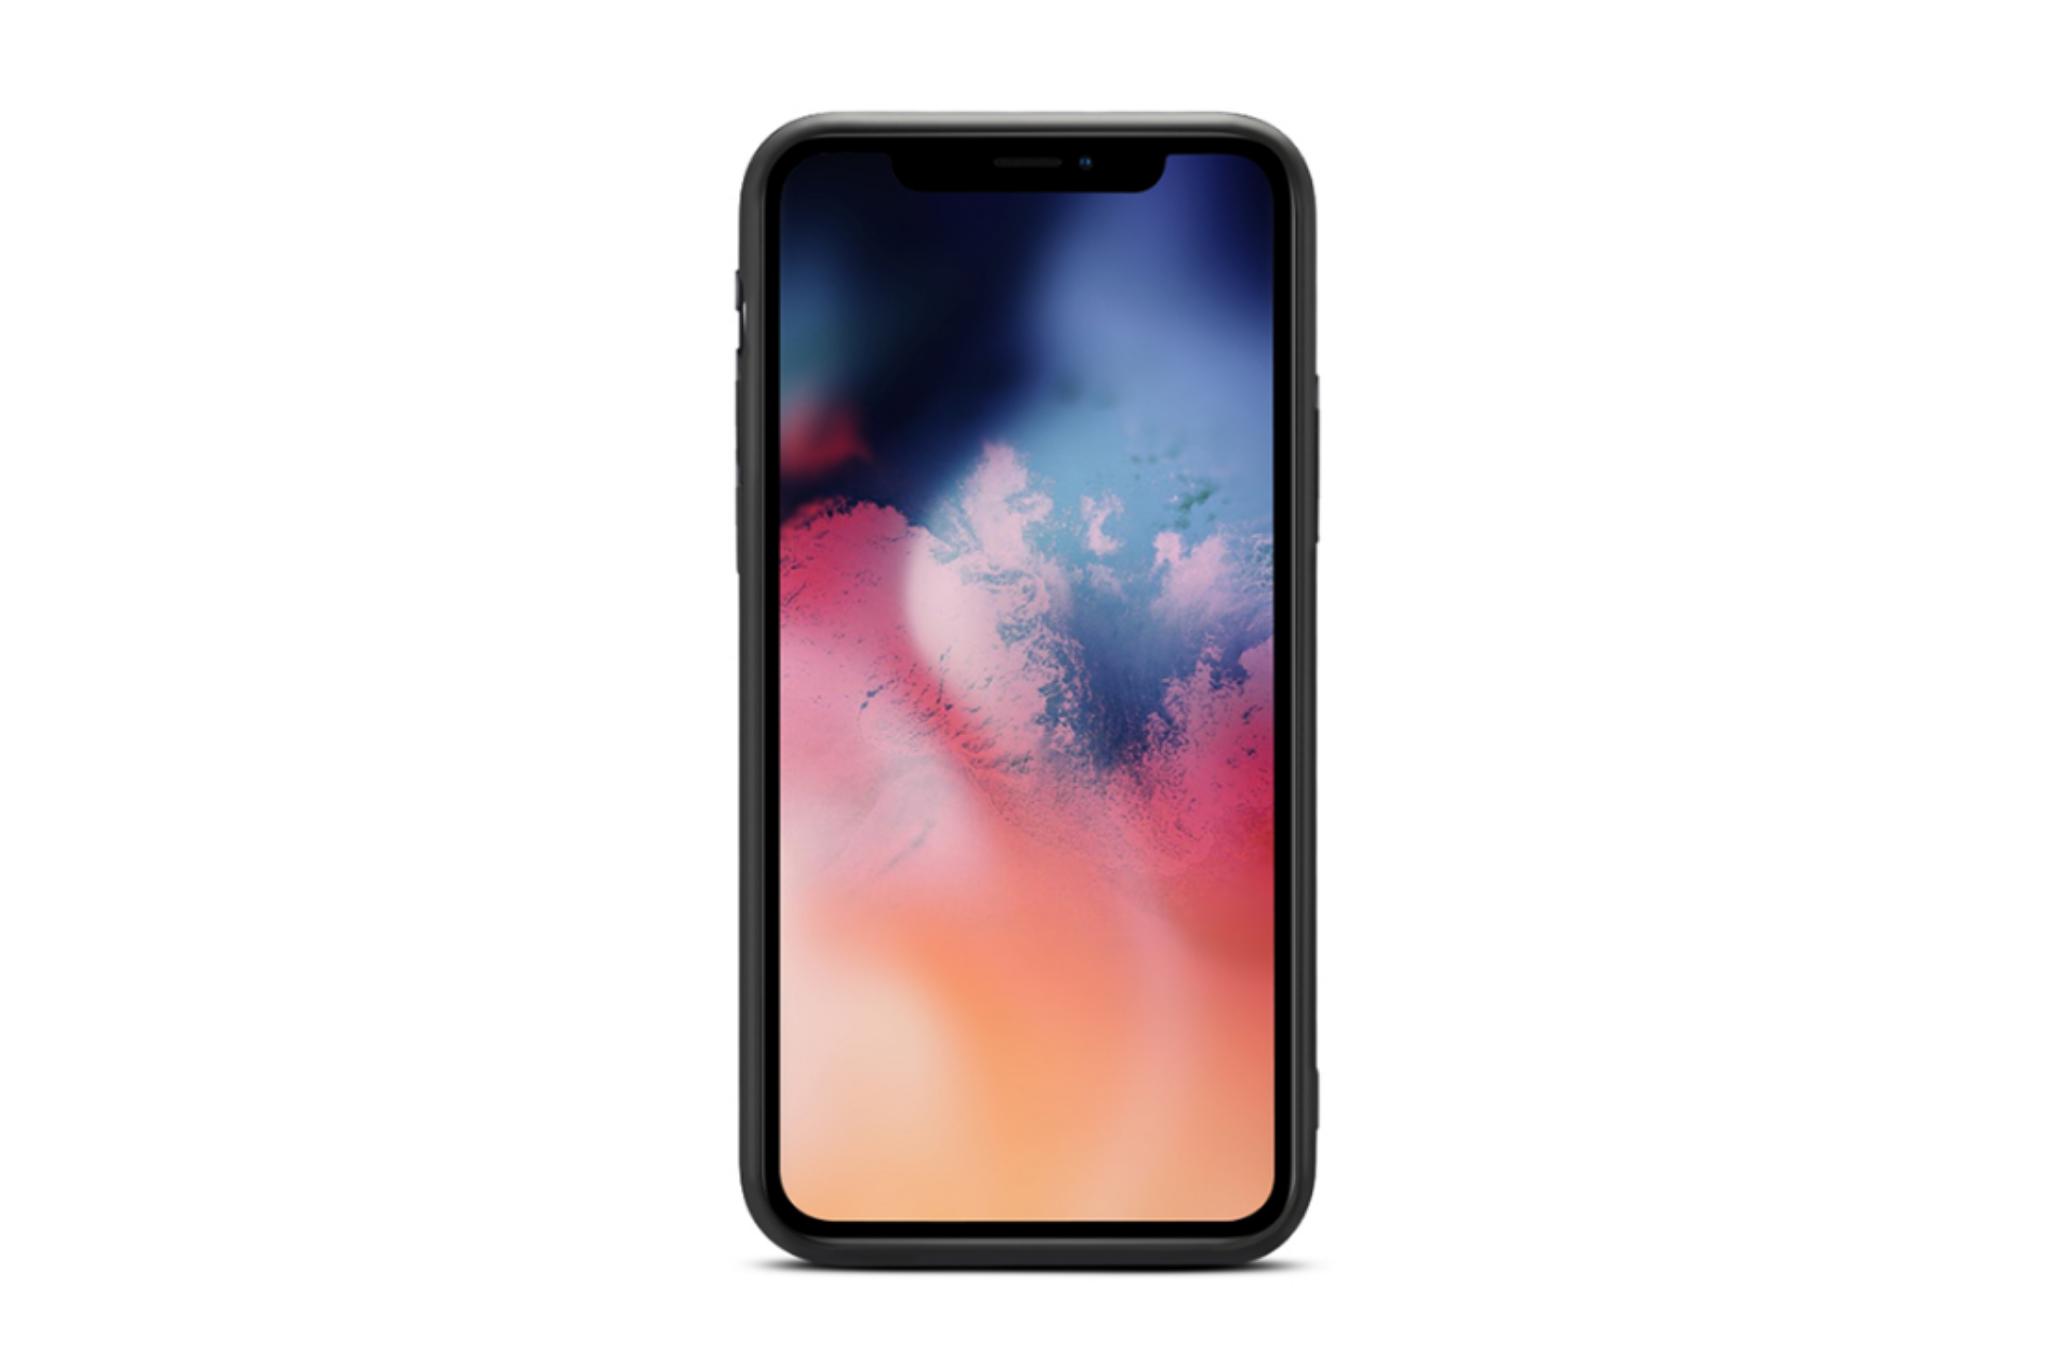 Smartphonehoesje iPhone 11 | Portemonnee | Zwart